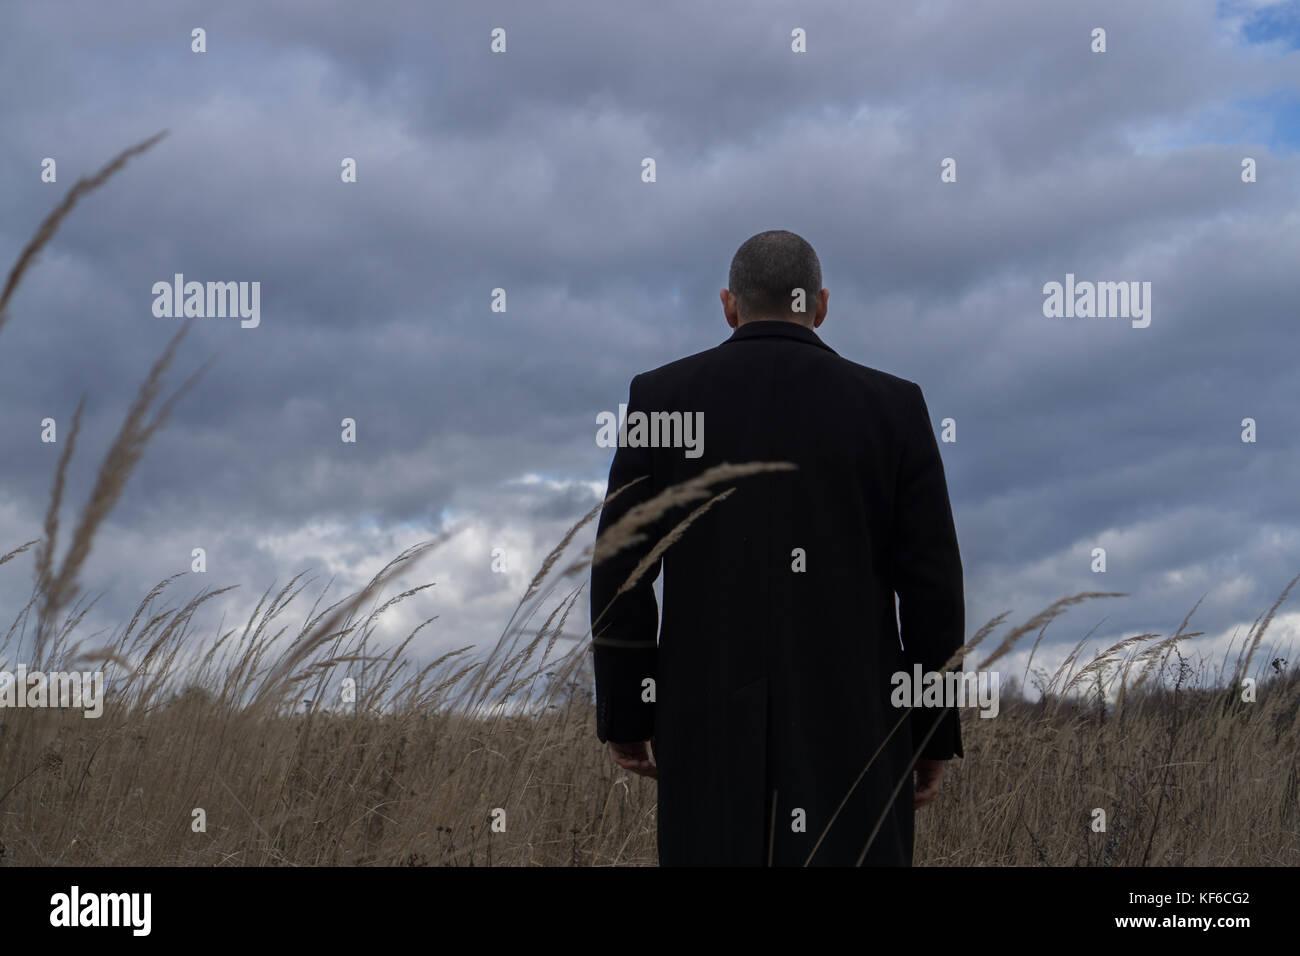 Vista posteriore di un uomo che indossa un cappotto in piedi in un campo con cielo molto nuvoloso Immagini Stock